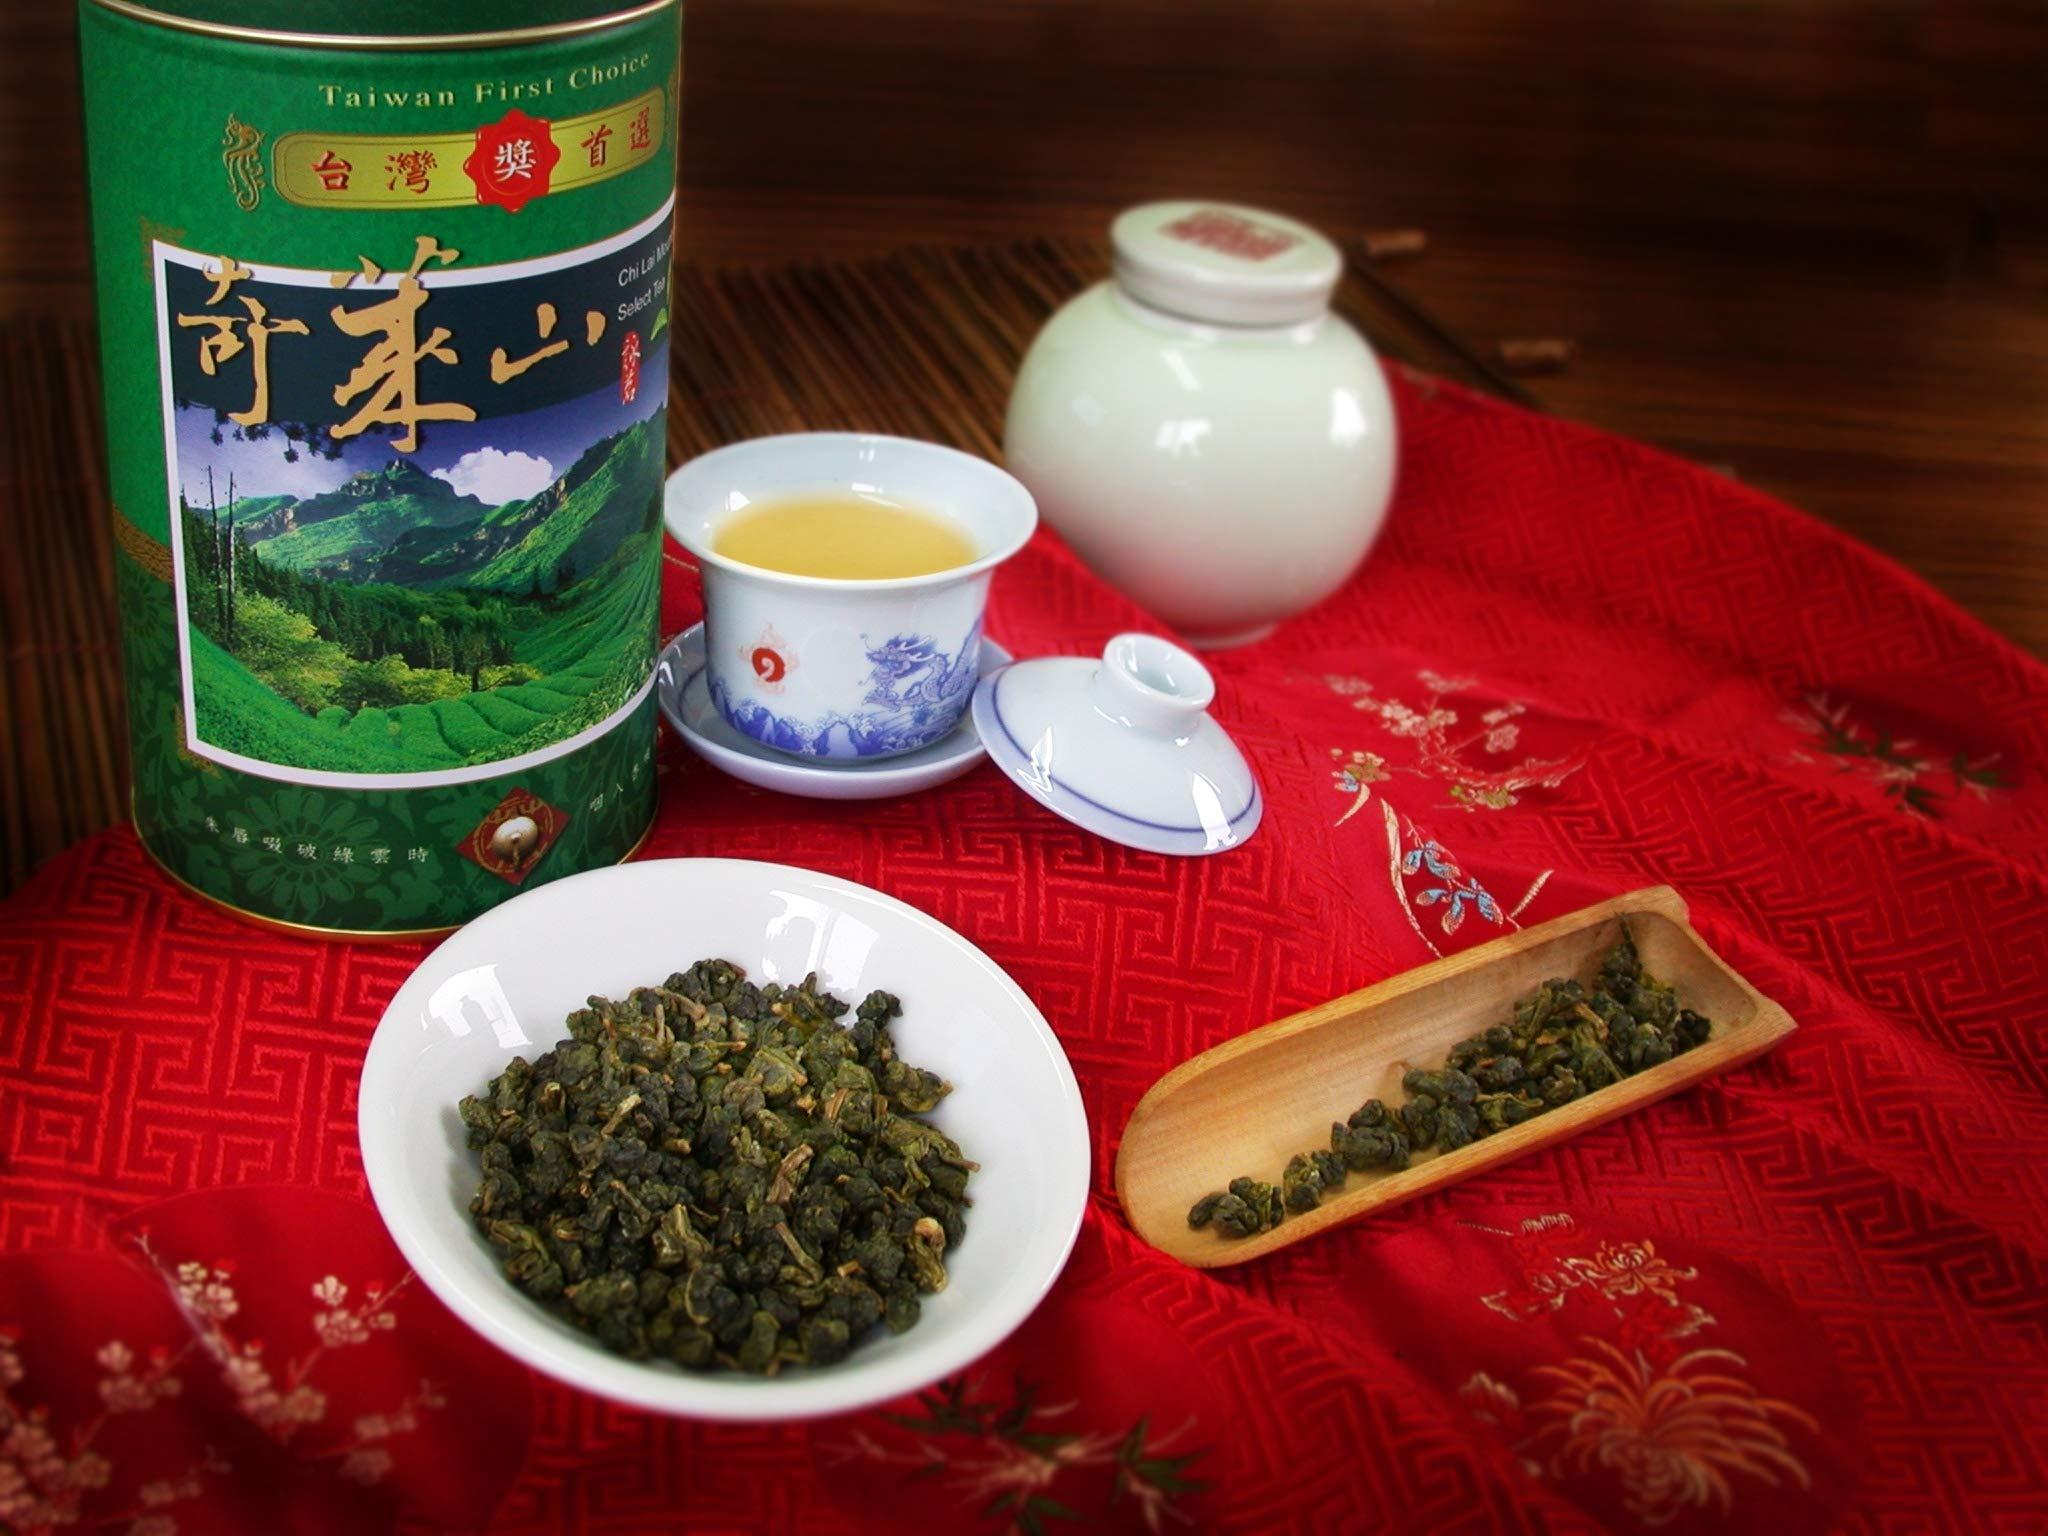 Qilai Mountain Alpine Tea